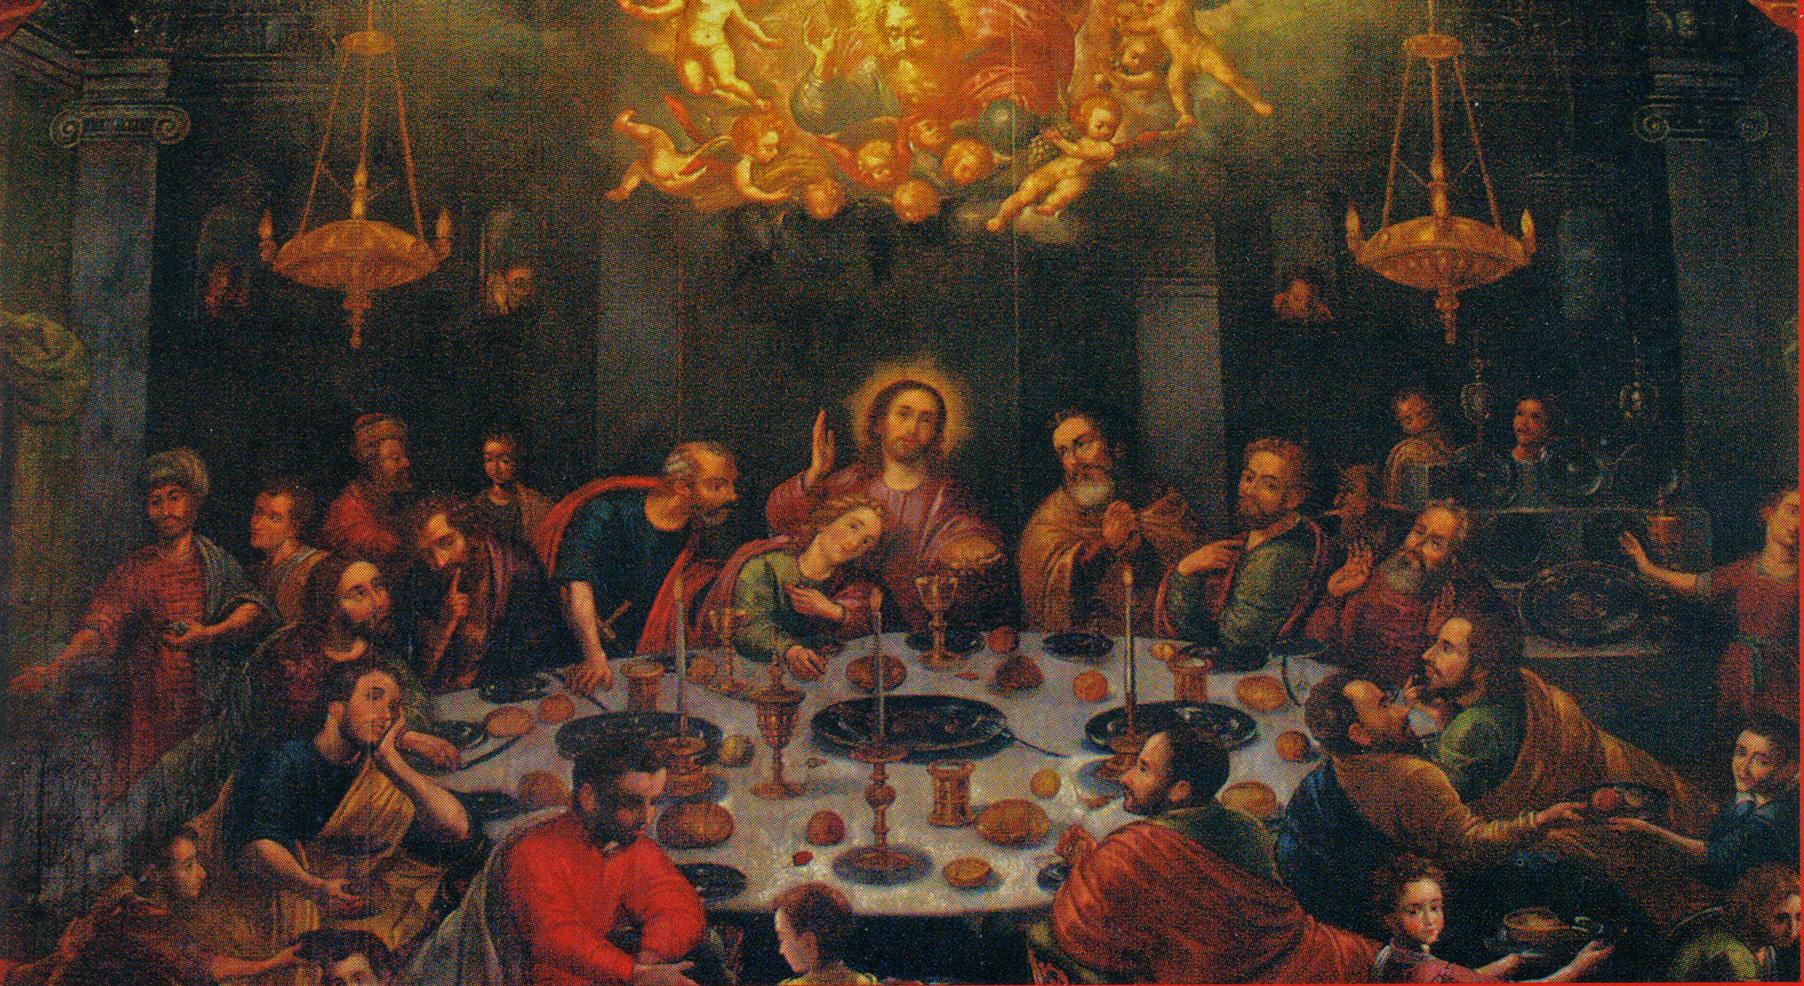 Тайная вечеря Диего де ла Пуэнте, 17 век